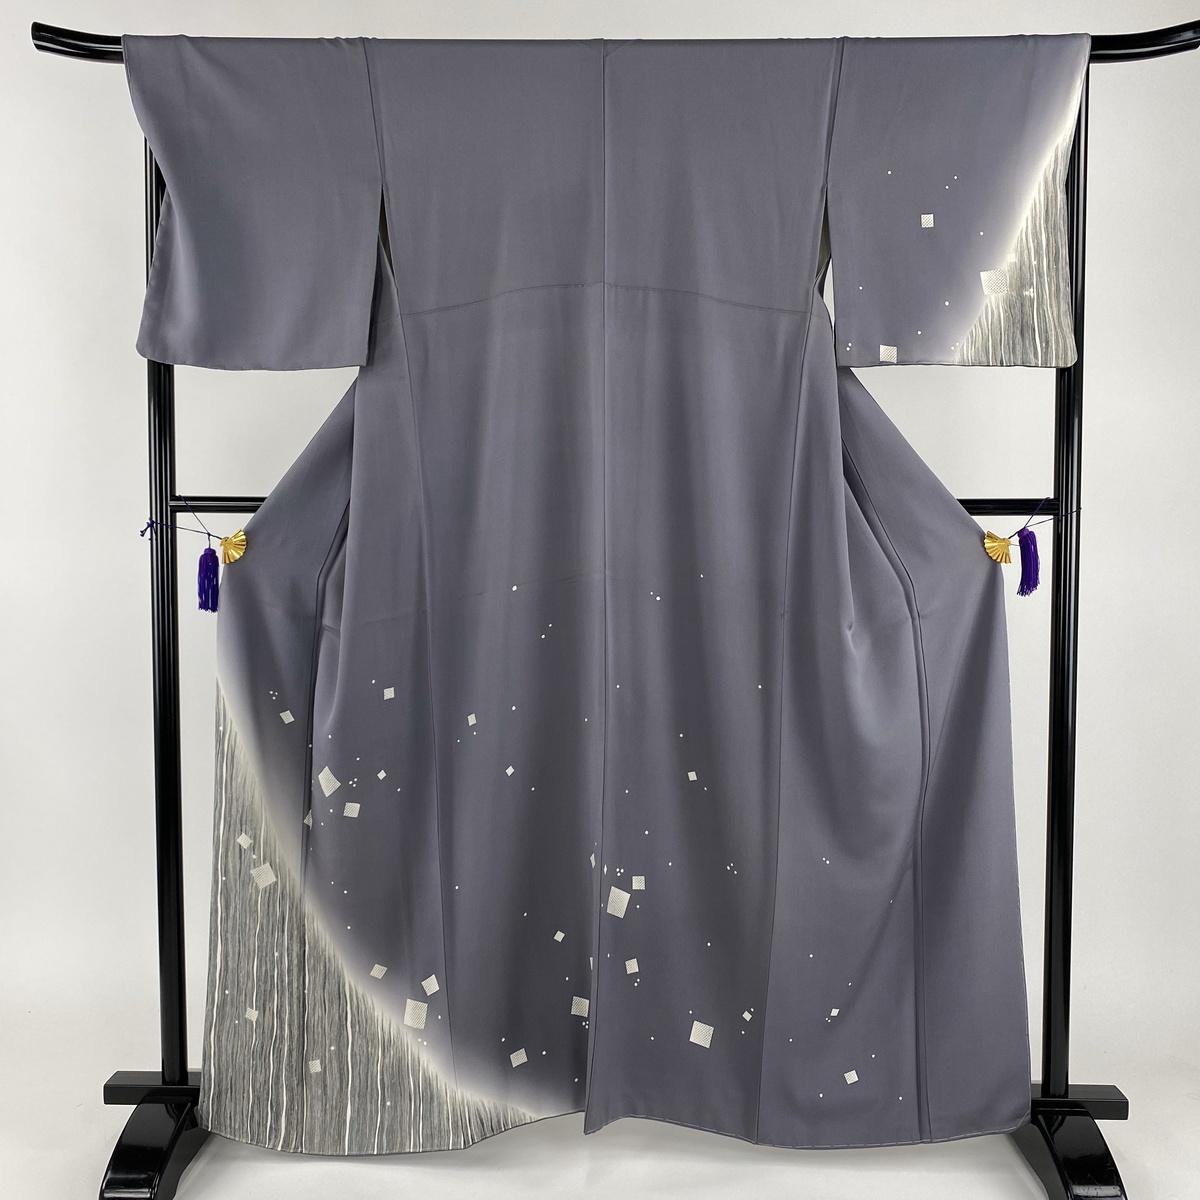 訪問着 名品 幾何学 よろけ縞 金糸 灰紫 袷 身丈162cm 裄丈68cm L 正絹 【中古】